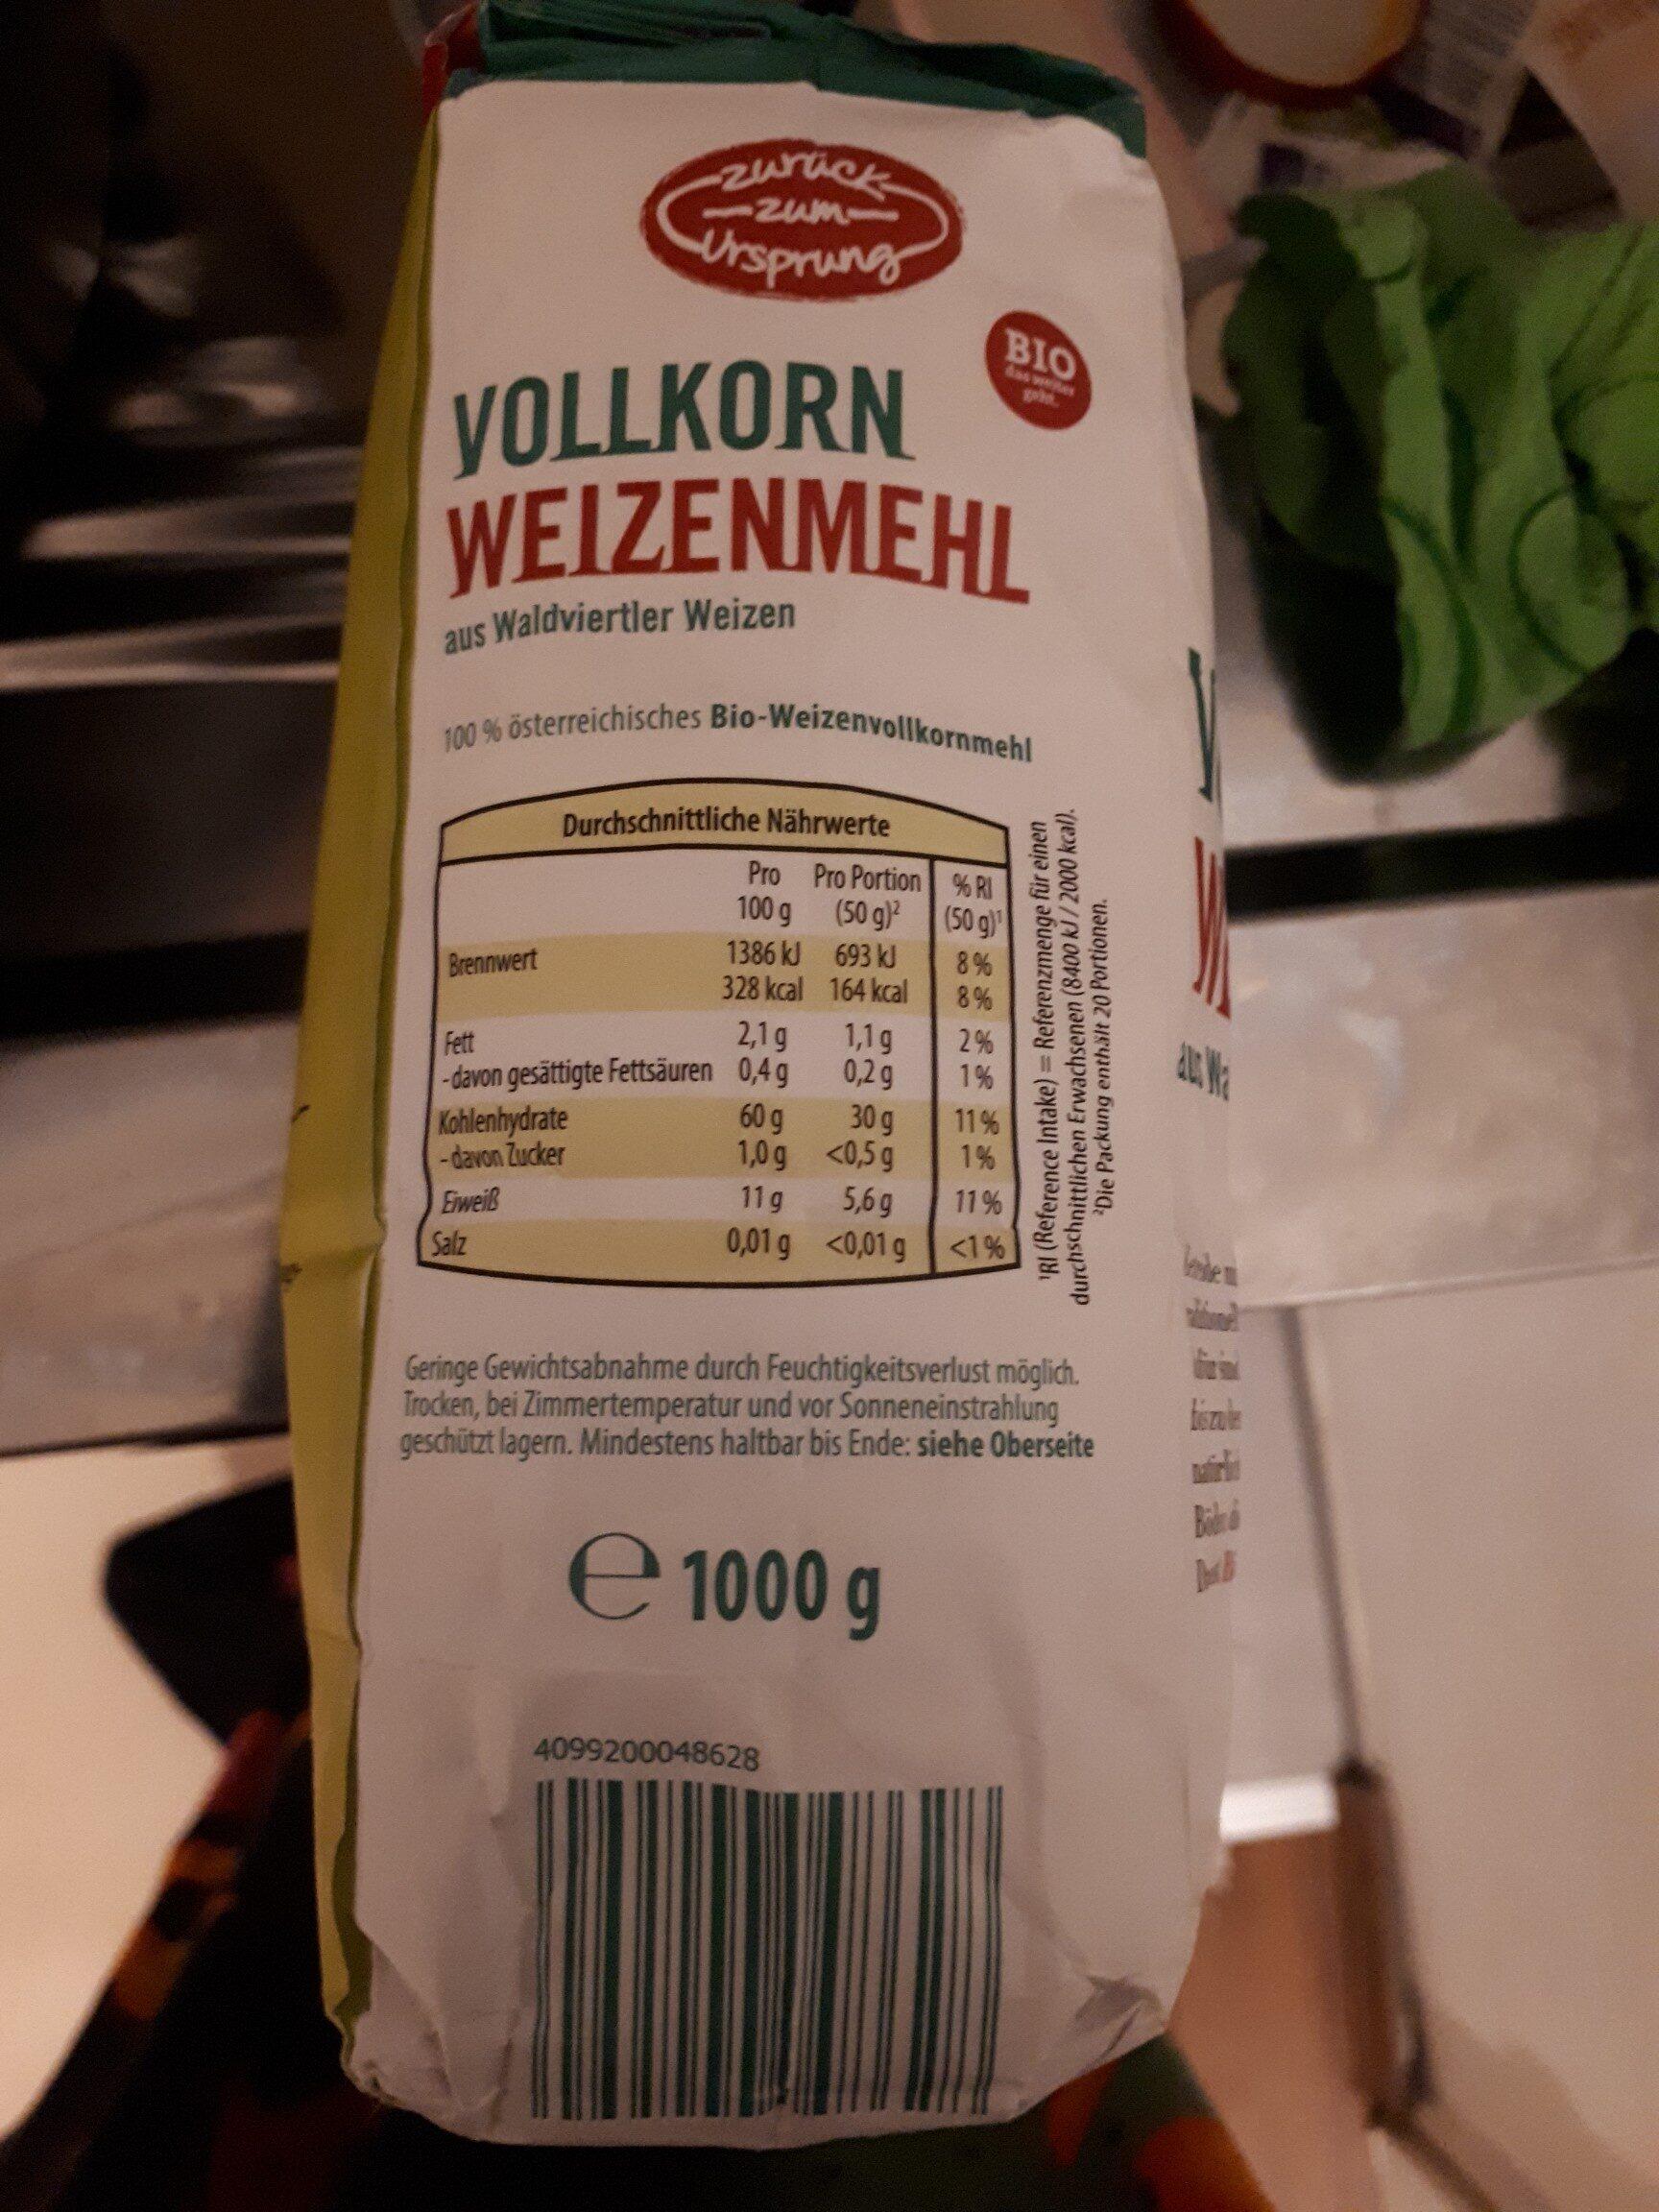 Vollkorn Weizen Mehl - Product - en